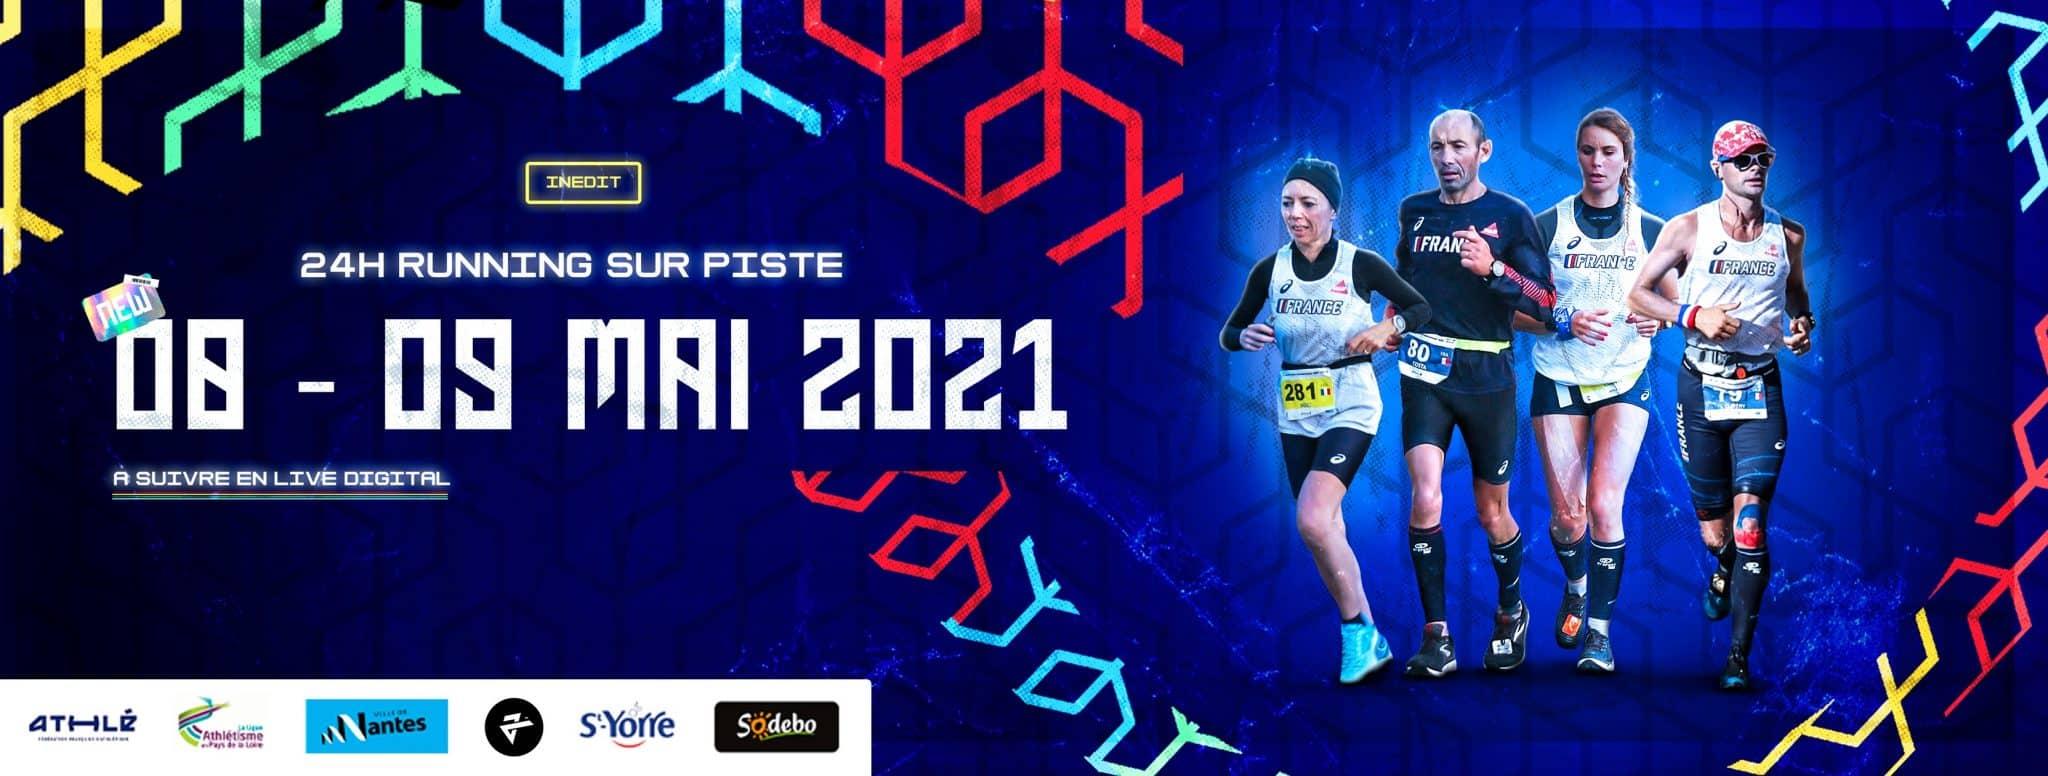 Un record de France de 24h à Nantes ?